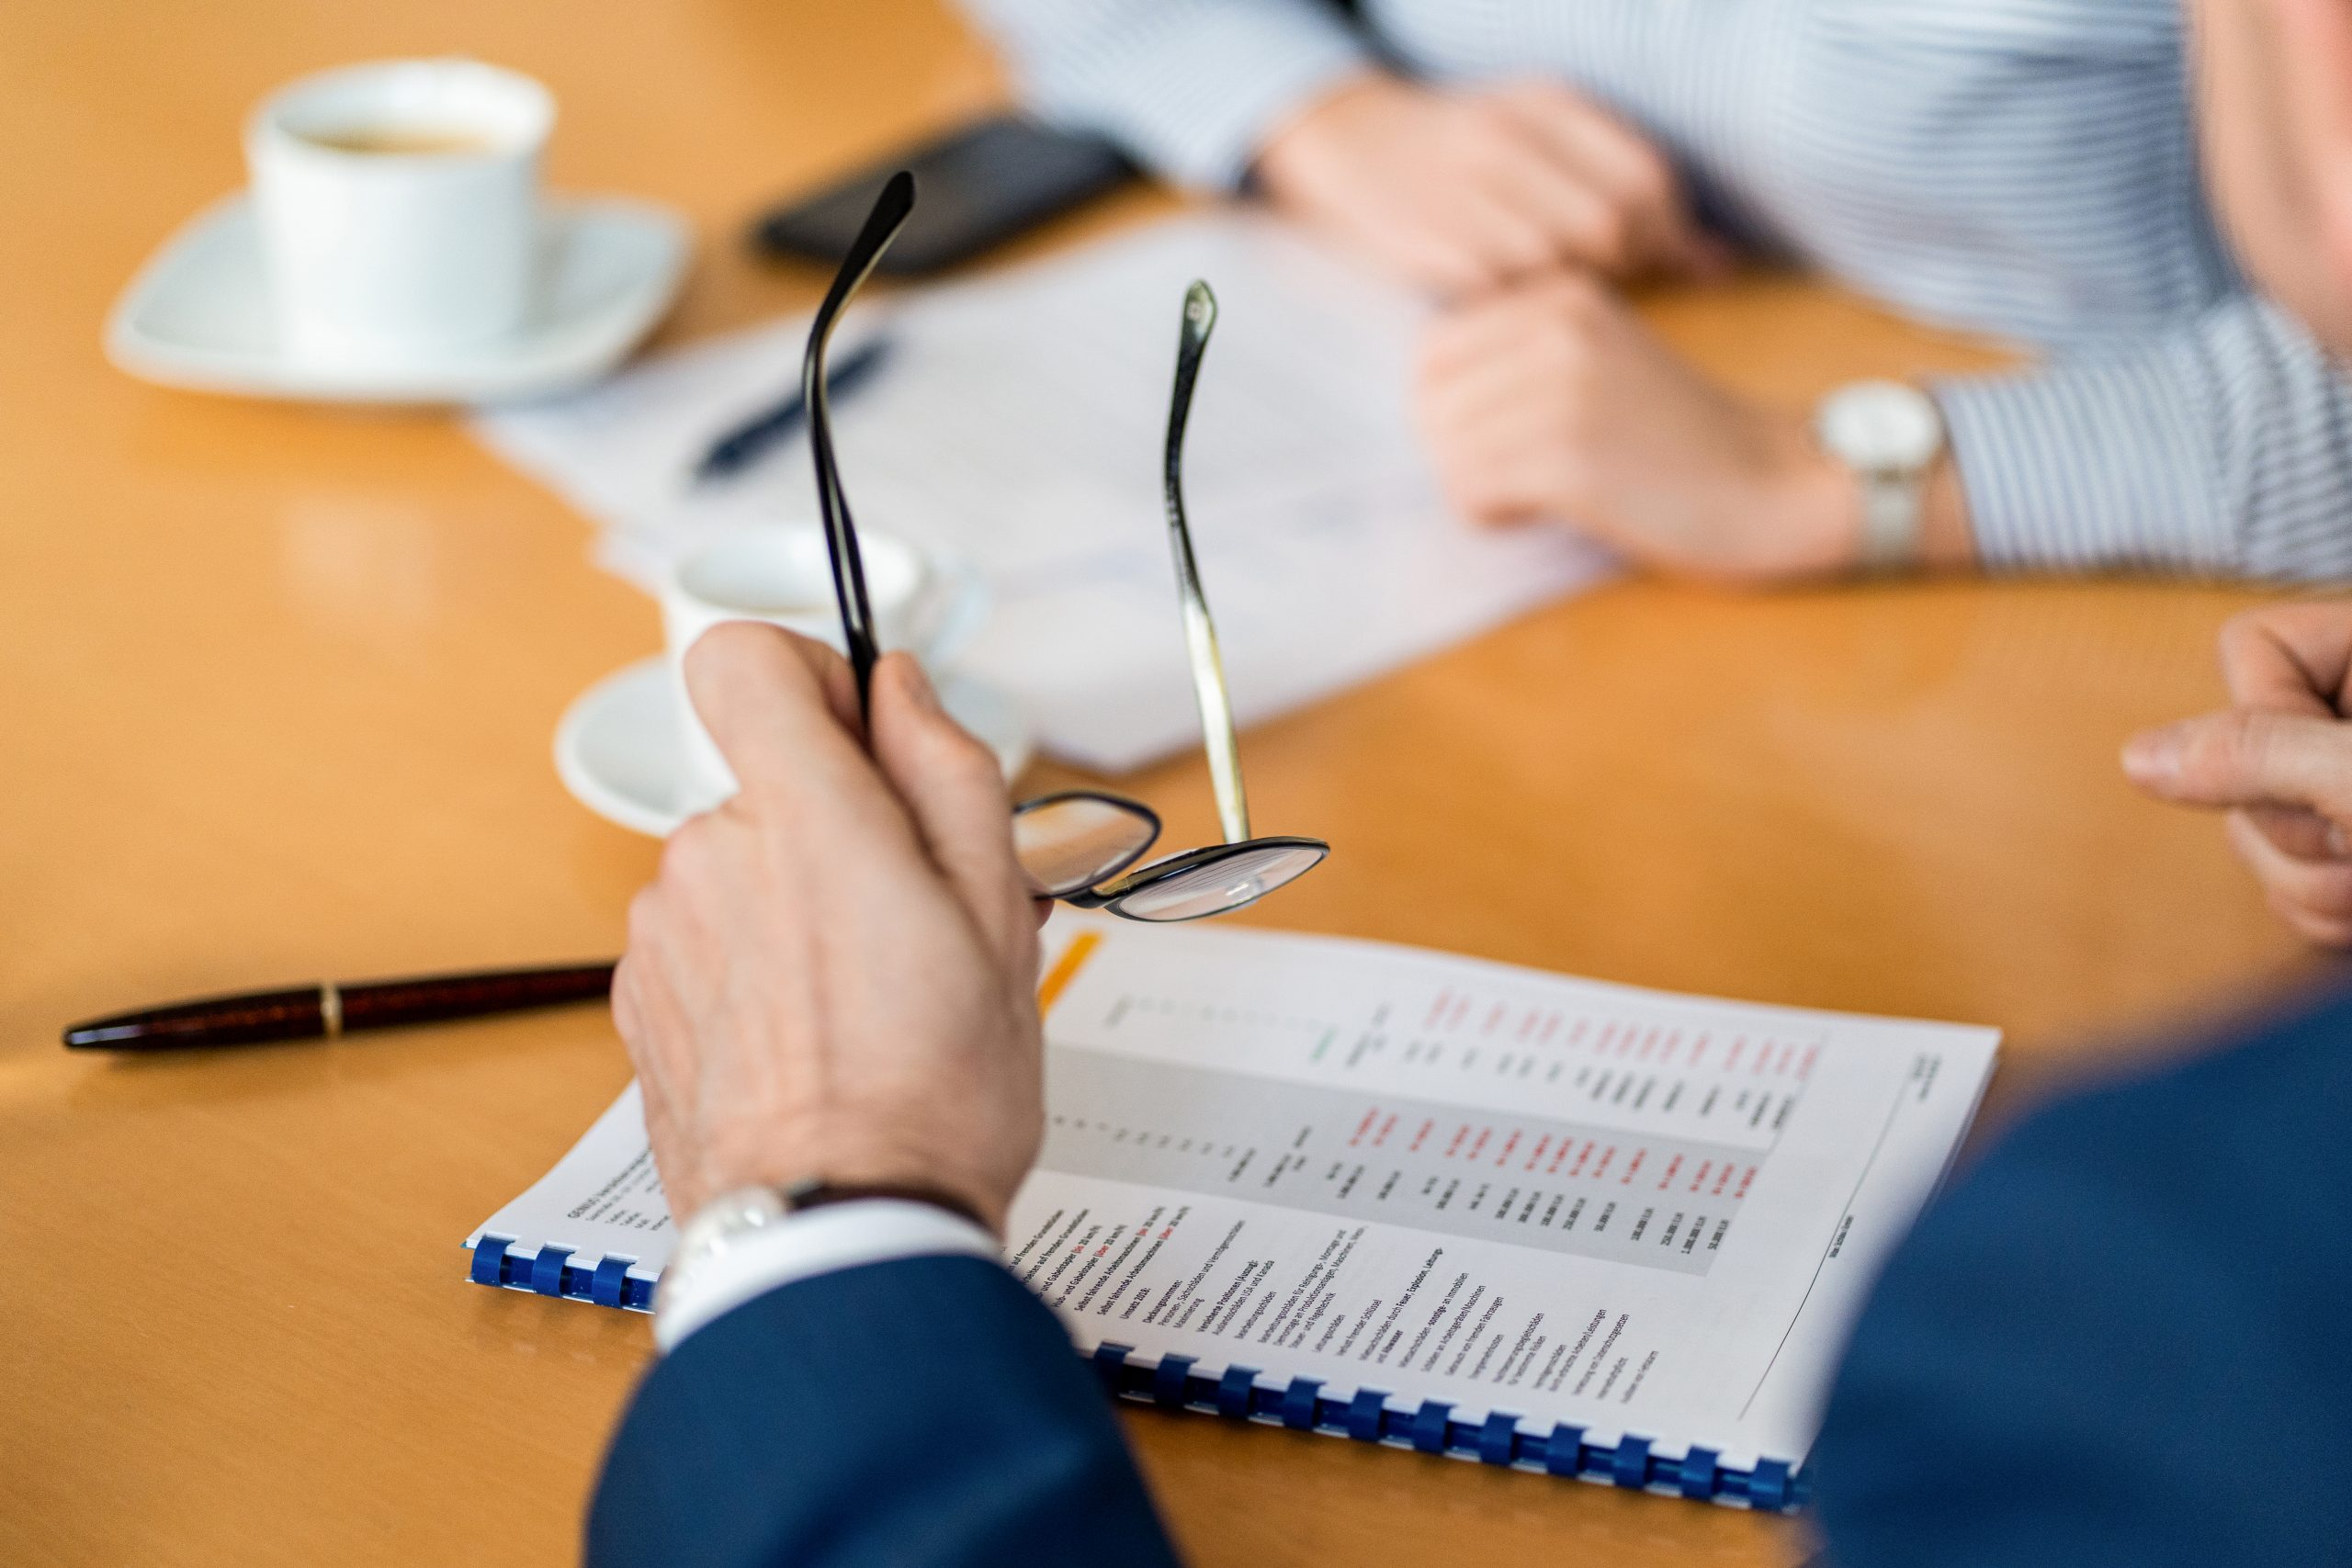 frankmartini genius 0216 scaled - BRSG - Umsetzung des Zuschusses für bestehende Entgeltumwandlungen zum 01.01.2022